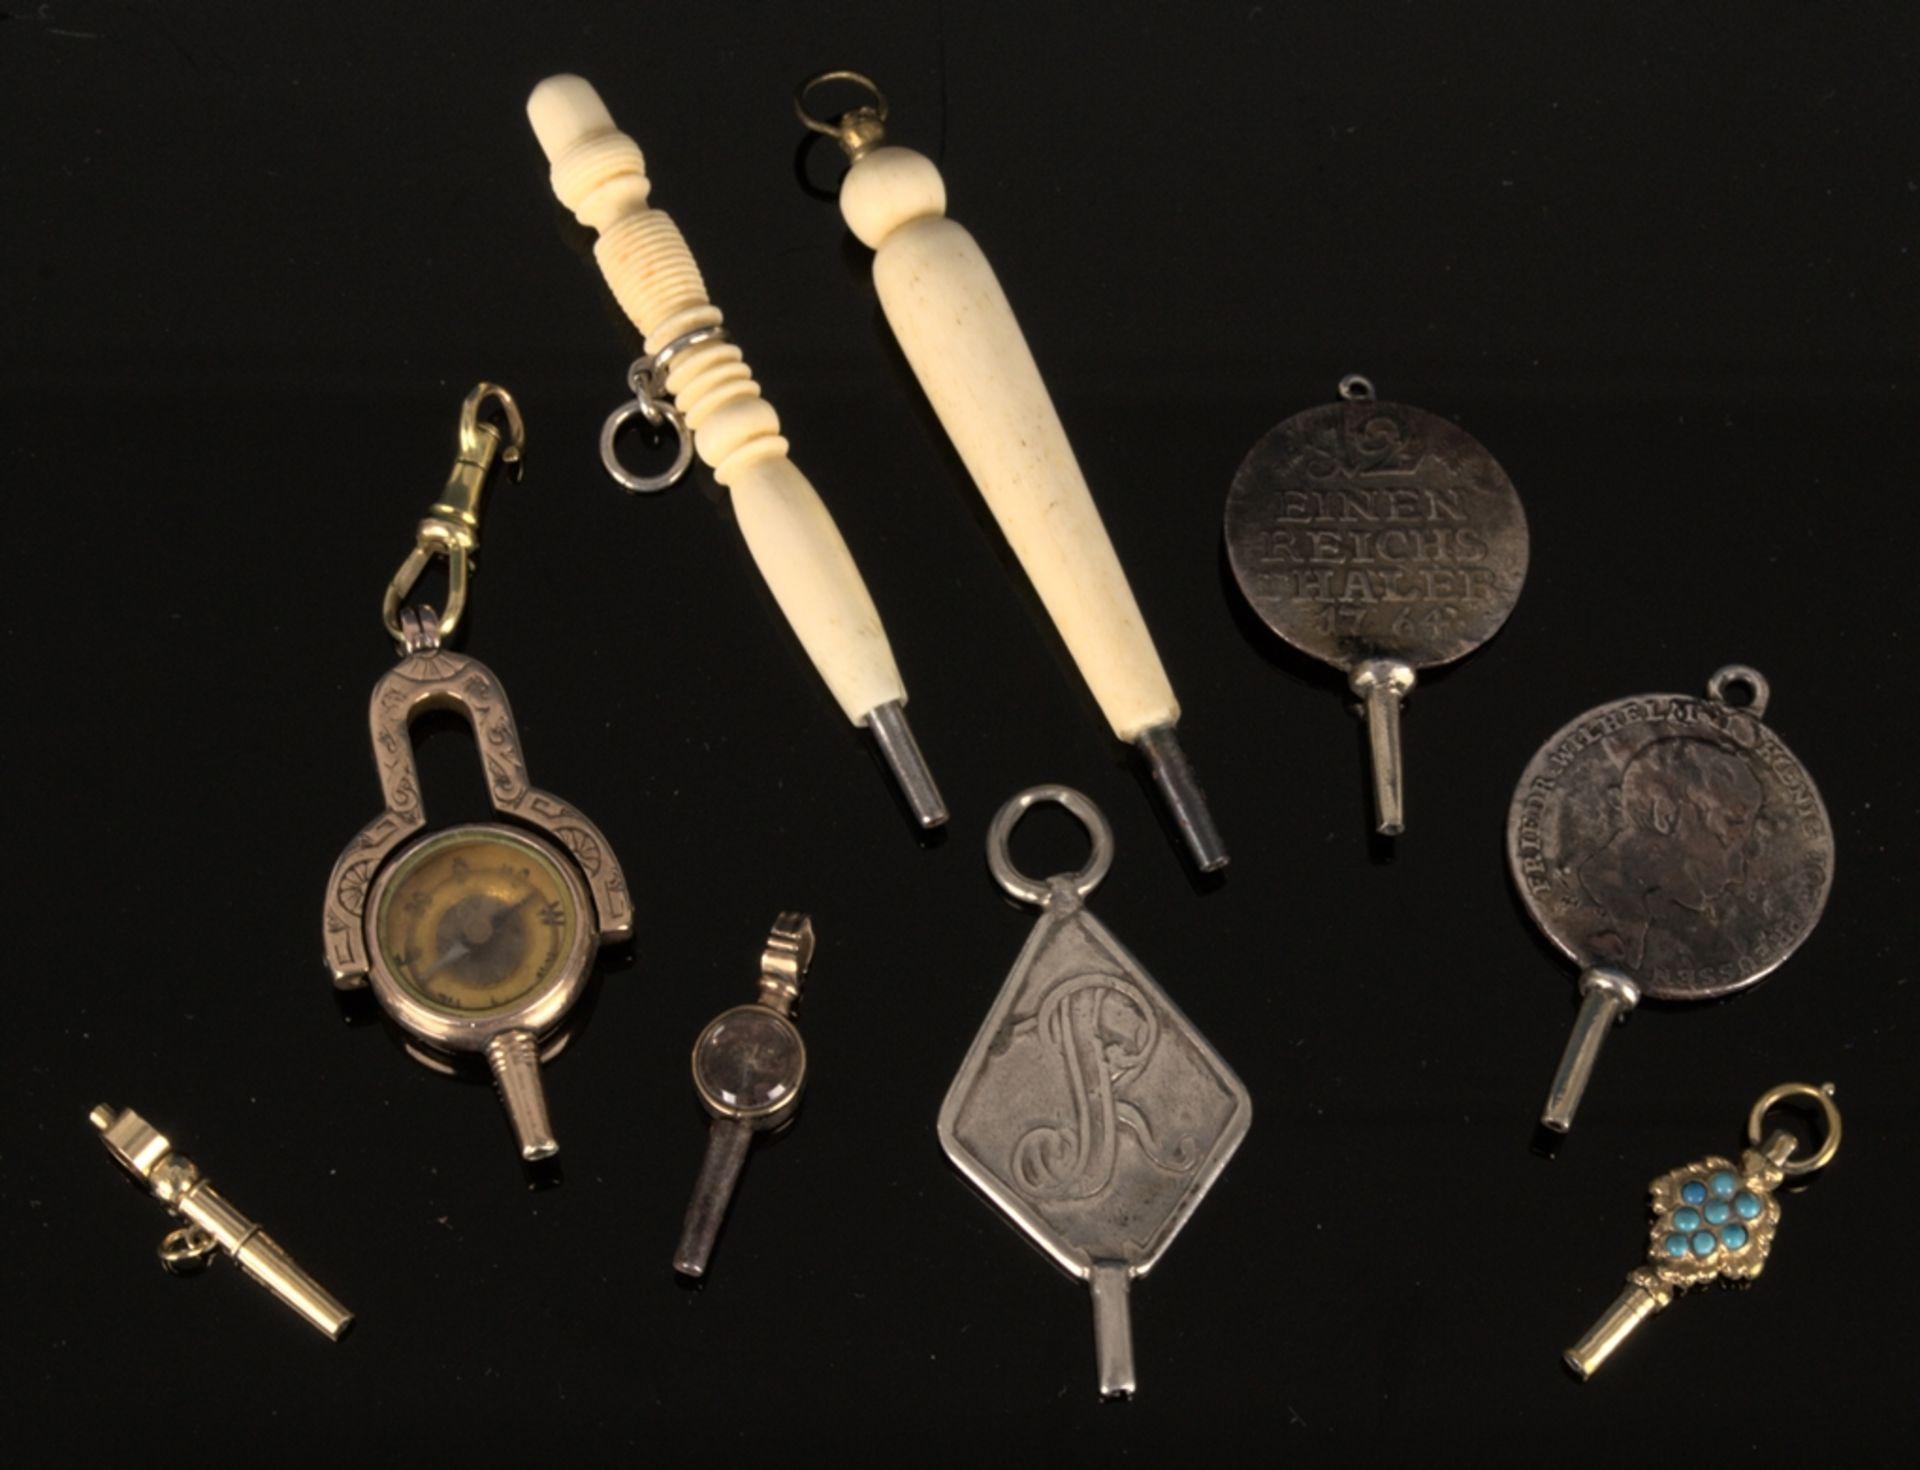 9teilige Sammlung versch. Taschenuhrenschlüssel, überwiegend 19. Jhd. Versch. Alter, Größen, - Bild 3 aus 18